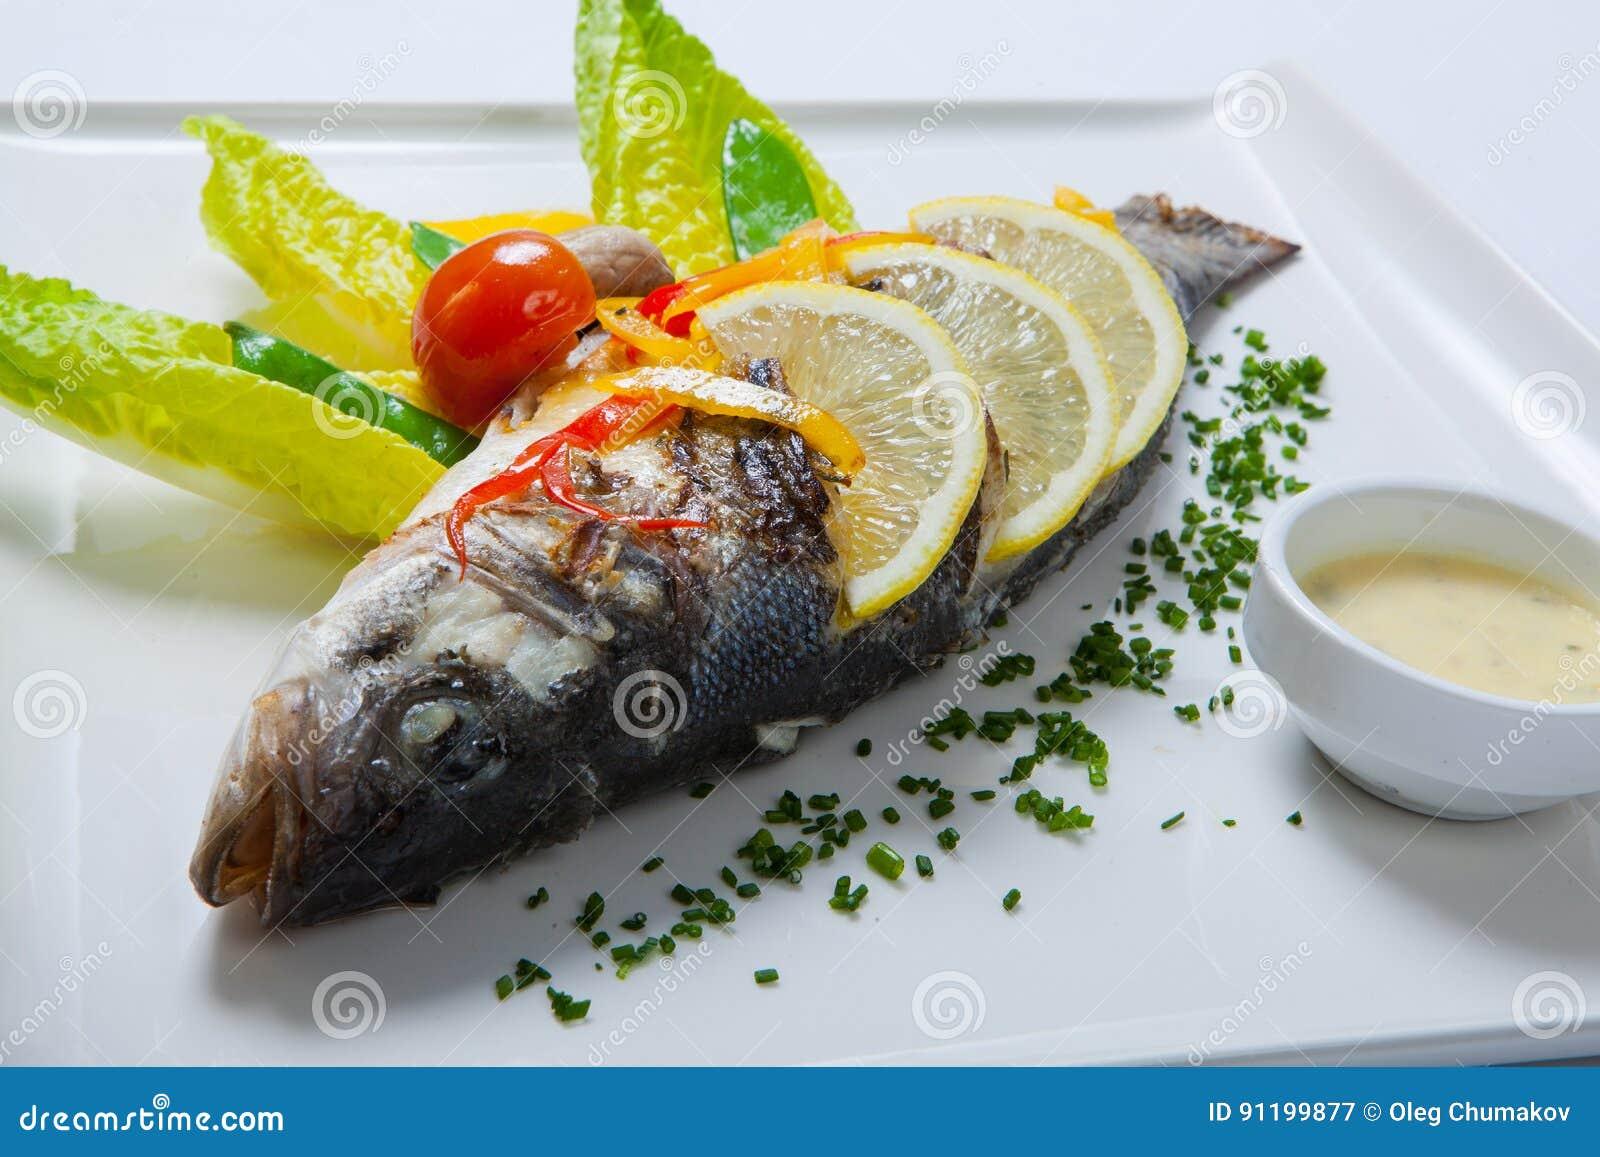 Gegrillte ganze Fische verziert mit den Blättern der Kopfsalat- und Kirschtomate, gedient mit Knoblauchsoße Gebratene ganze Fisch